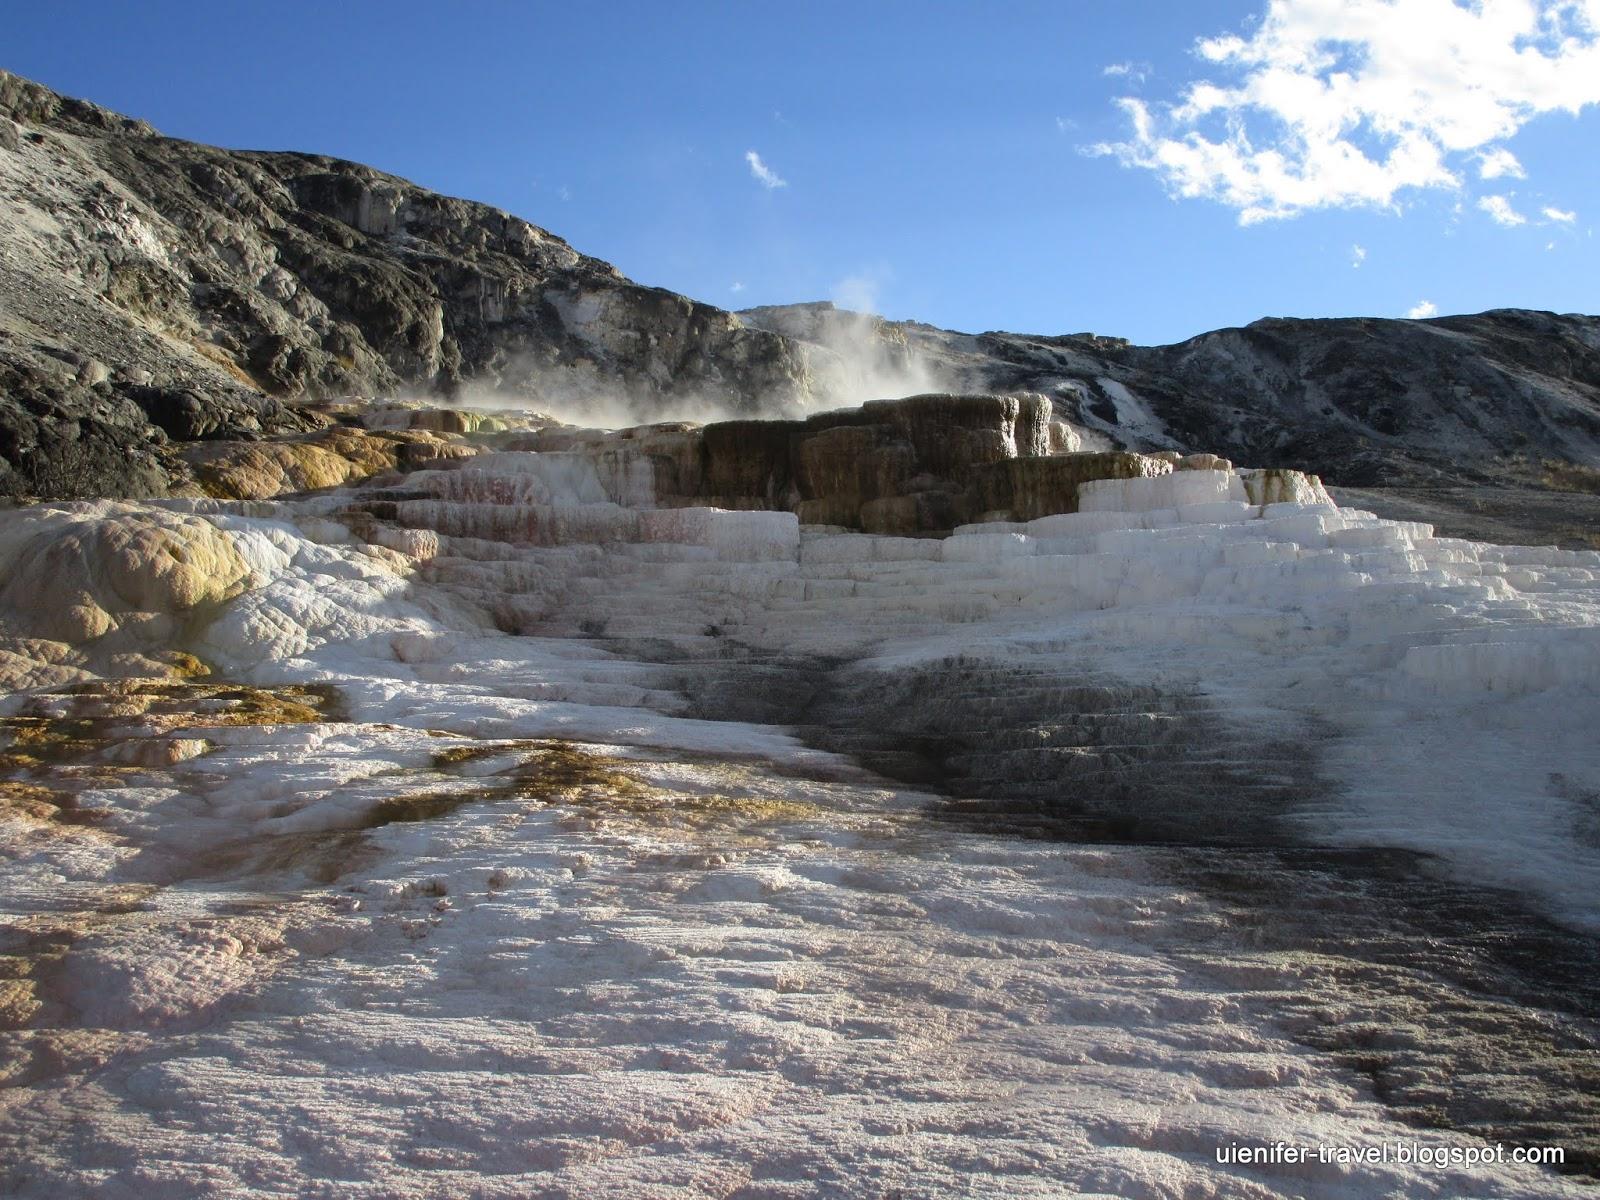 Горячие источники Маммос. Йеллоустоун, Вайоминг (Mammoth Hot Springs. Yellowstone National Park, WY)